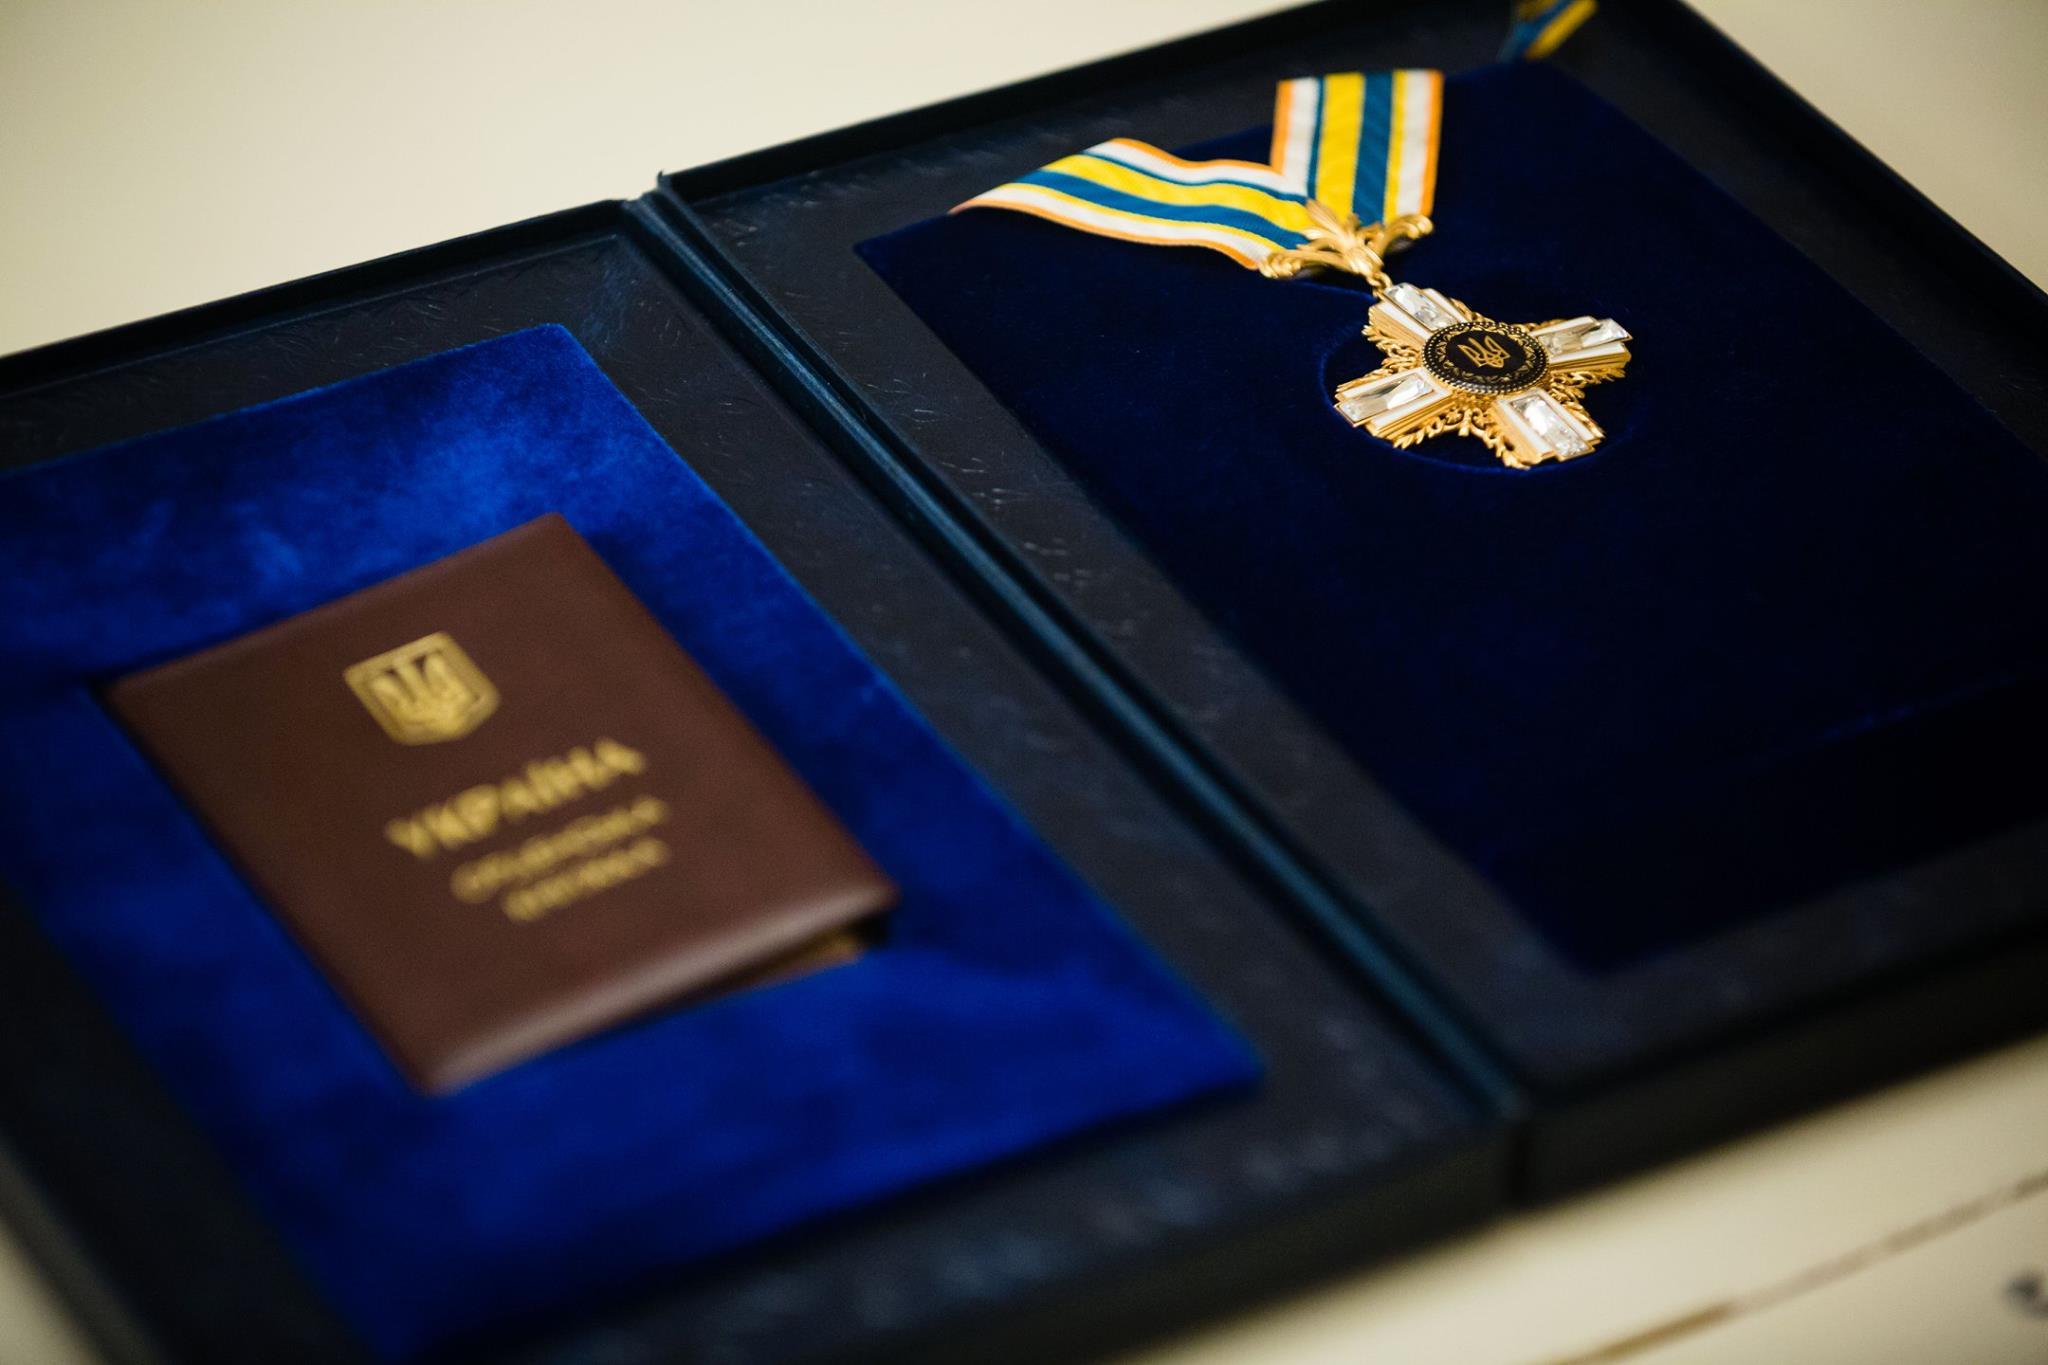 Порошенко нагородив Баррозу орденом Свободи (ФОТО) - фото 1